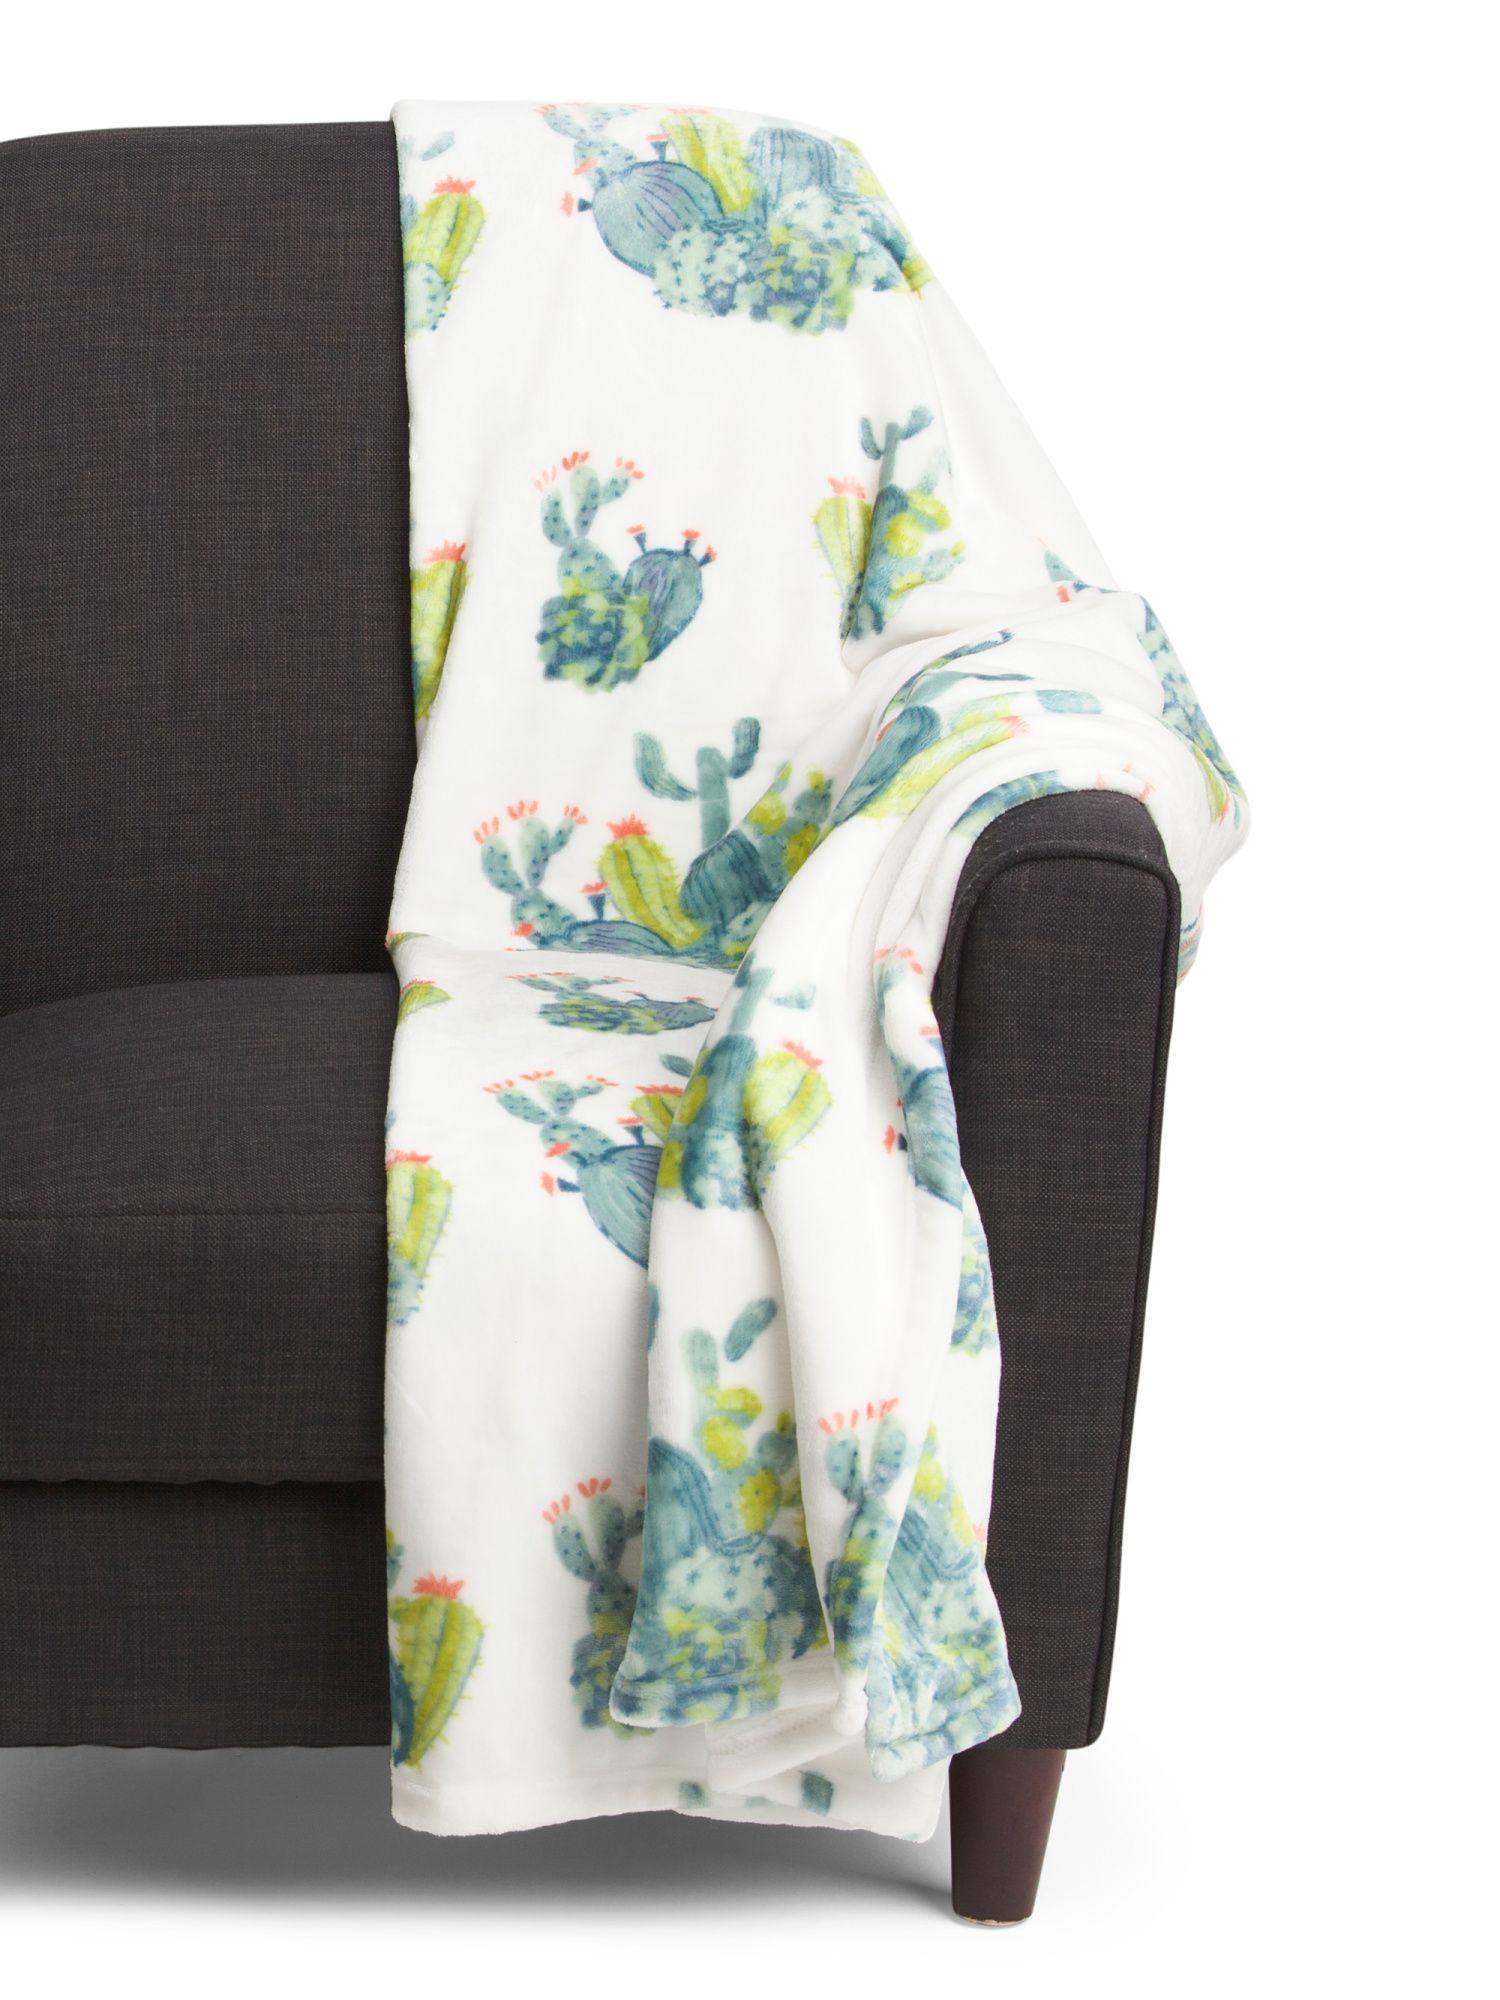 39+ Elle decor blanket t j maxx info